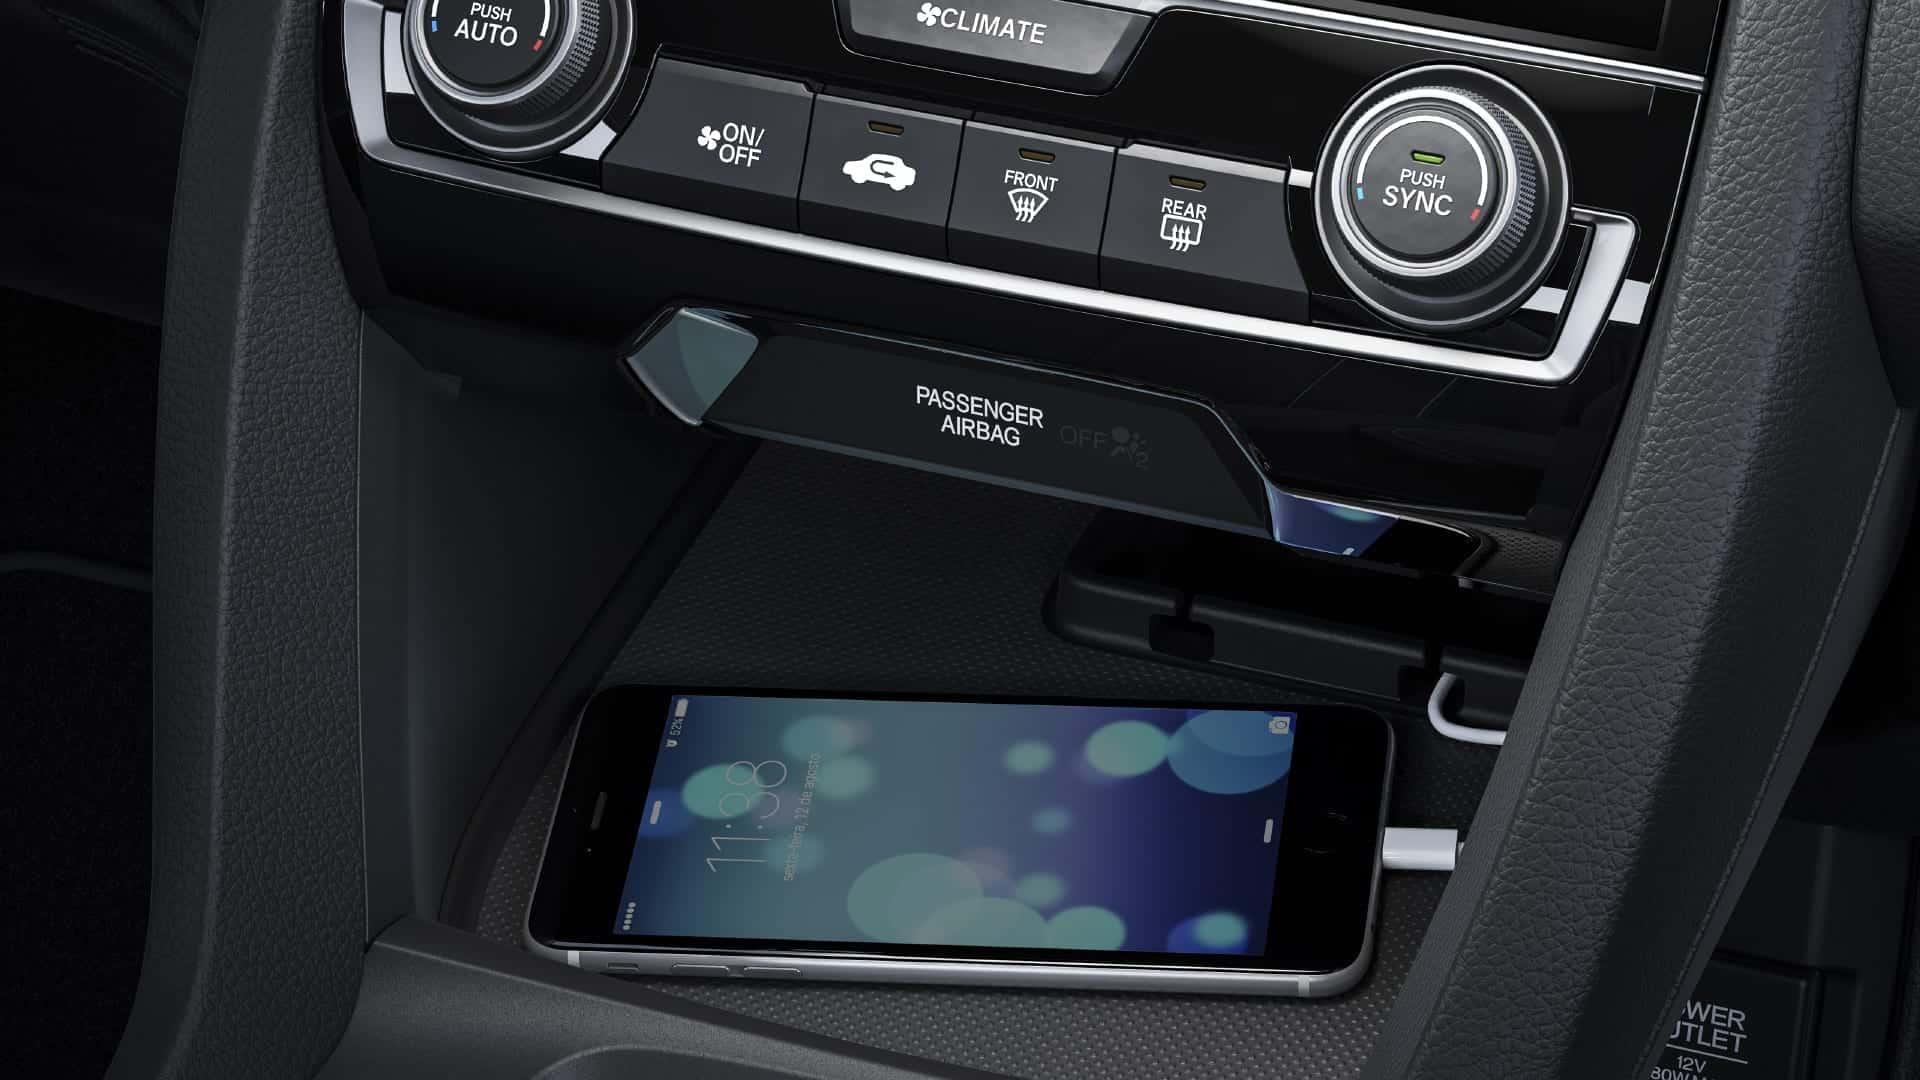 Civic - Conexões HDMI, Wi-Fi, Bluetooth® e duas entradas USB e Sistema HFT (Hands Free Telephone) com Função Voice Tag